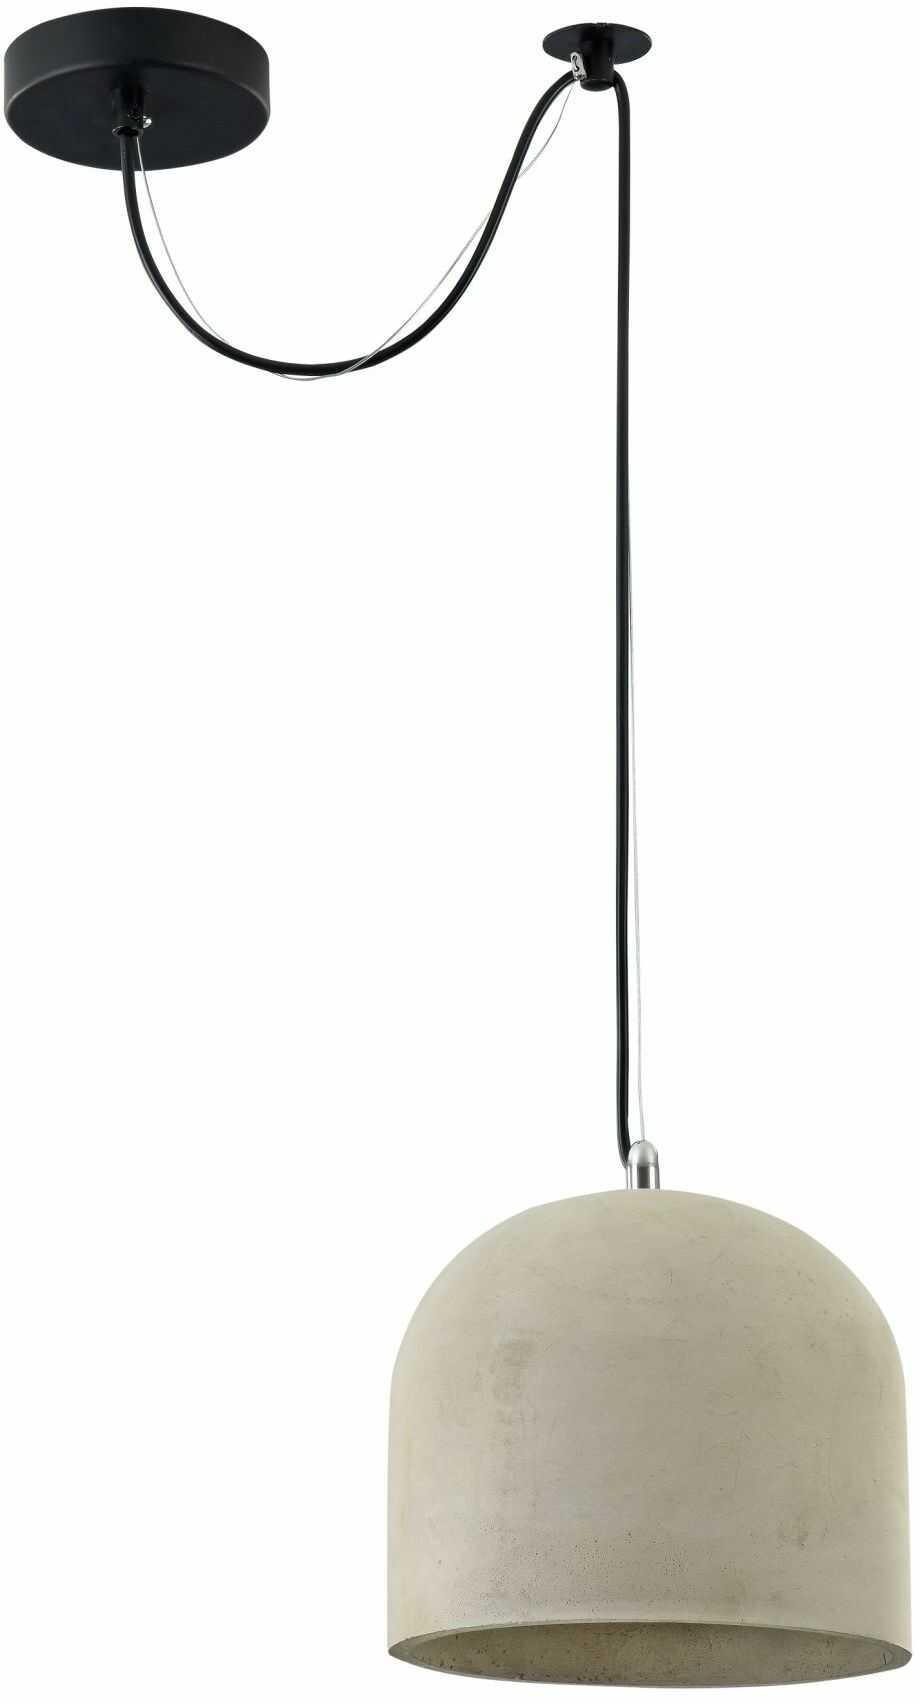 Maytoni Broni T451-PL-01-GR lampa wisząca metalowa osłona sufitowa czarna klosz betonowy szary 1 X E27 60W 20 cm